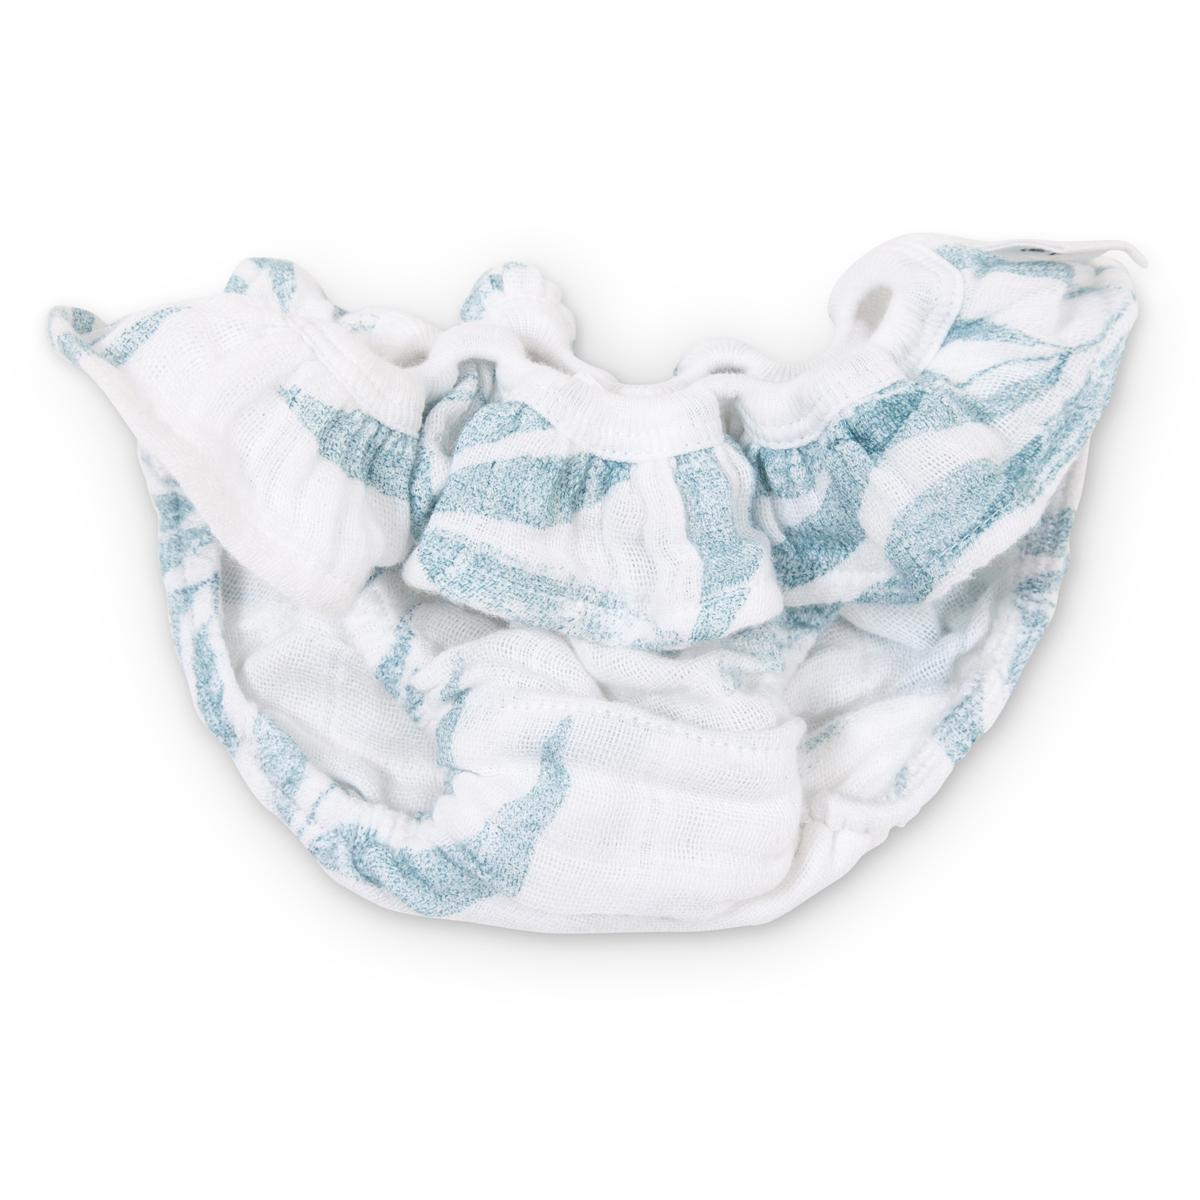 Accessoires Bébé Culotte de Bain Jane Palme - 6 Mois Culotte de Bain Jane Palme - 6 Mois